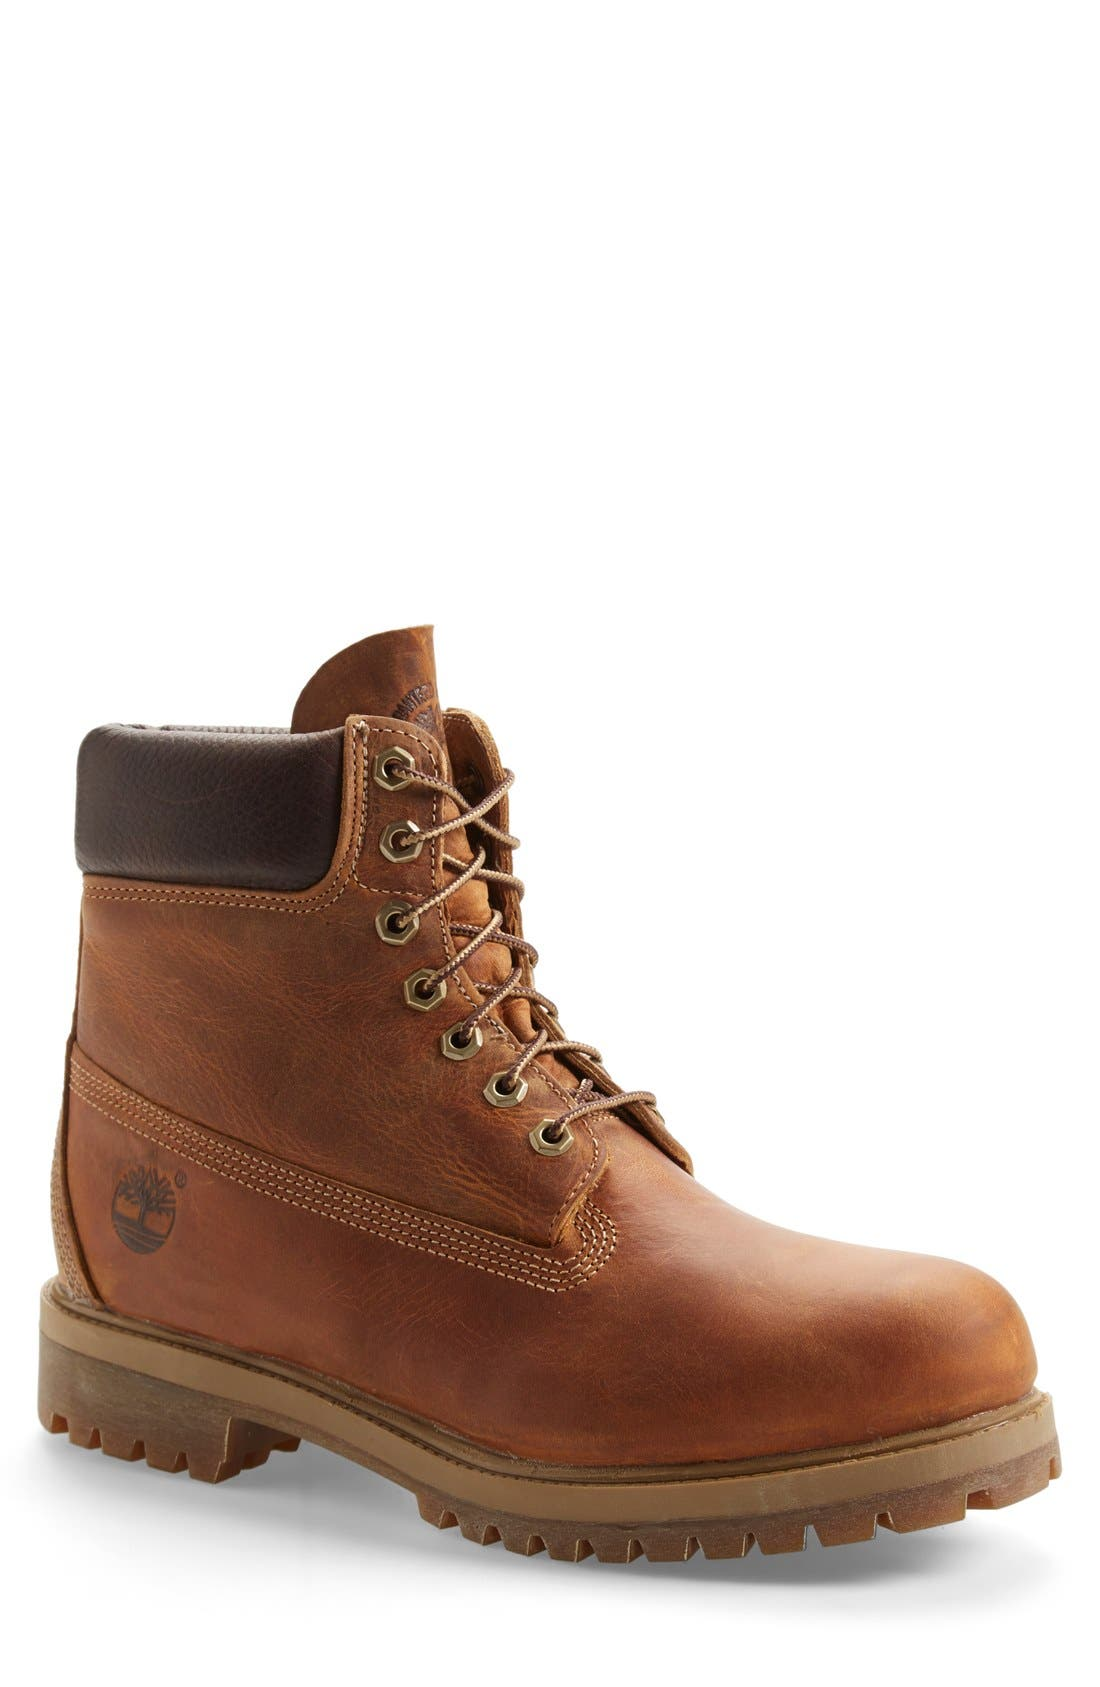 Main Image - Timberland 'Premium Heritage' Round Toe Boot  (Men)